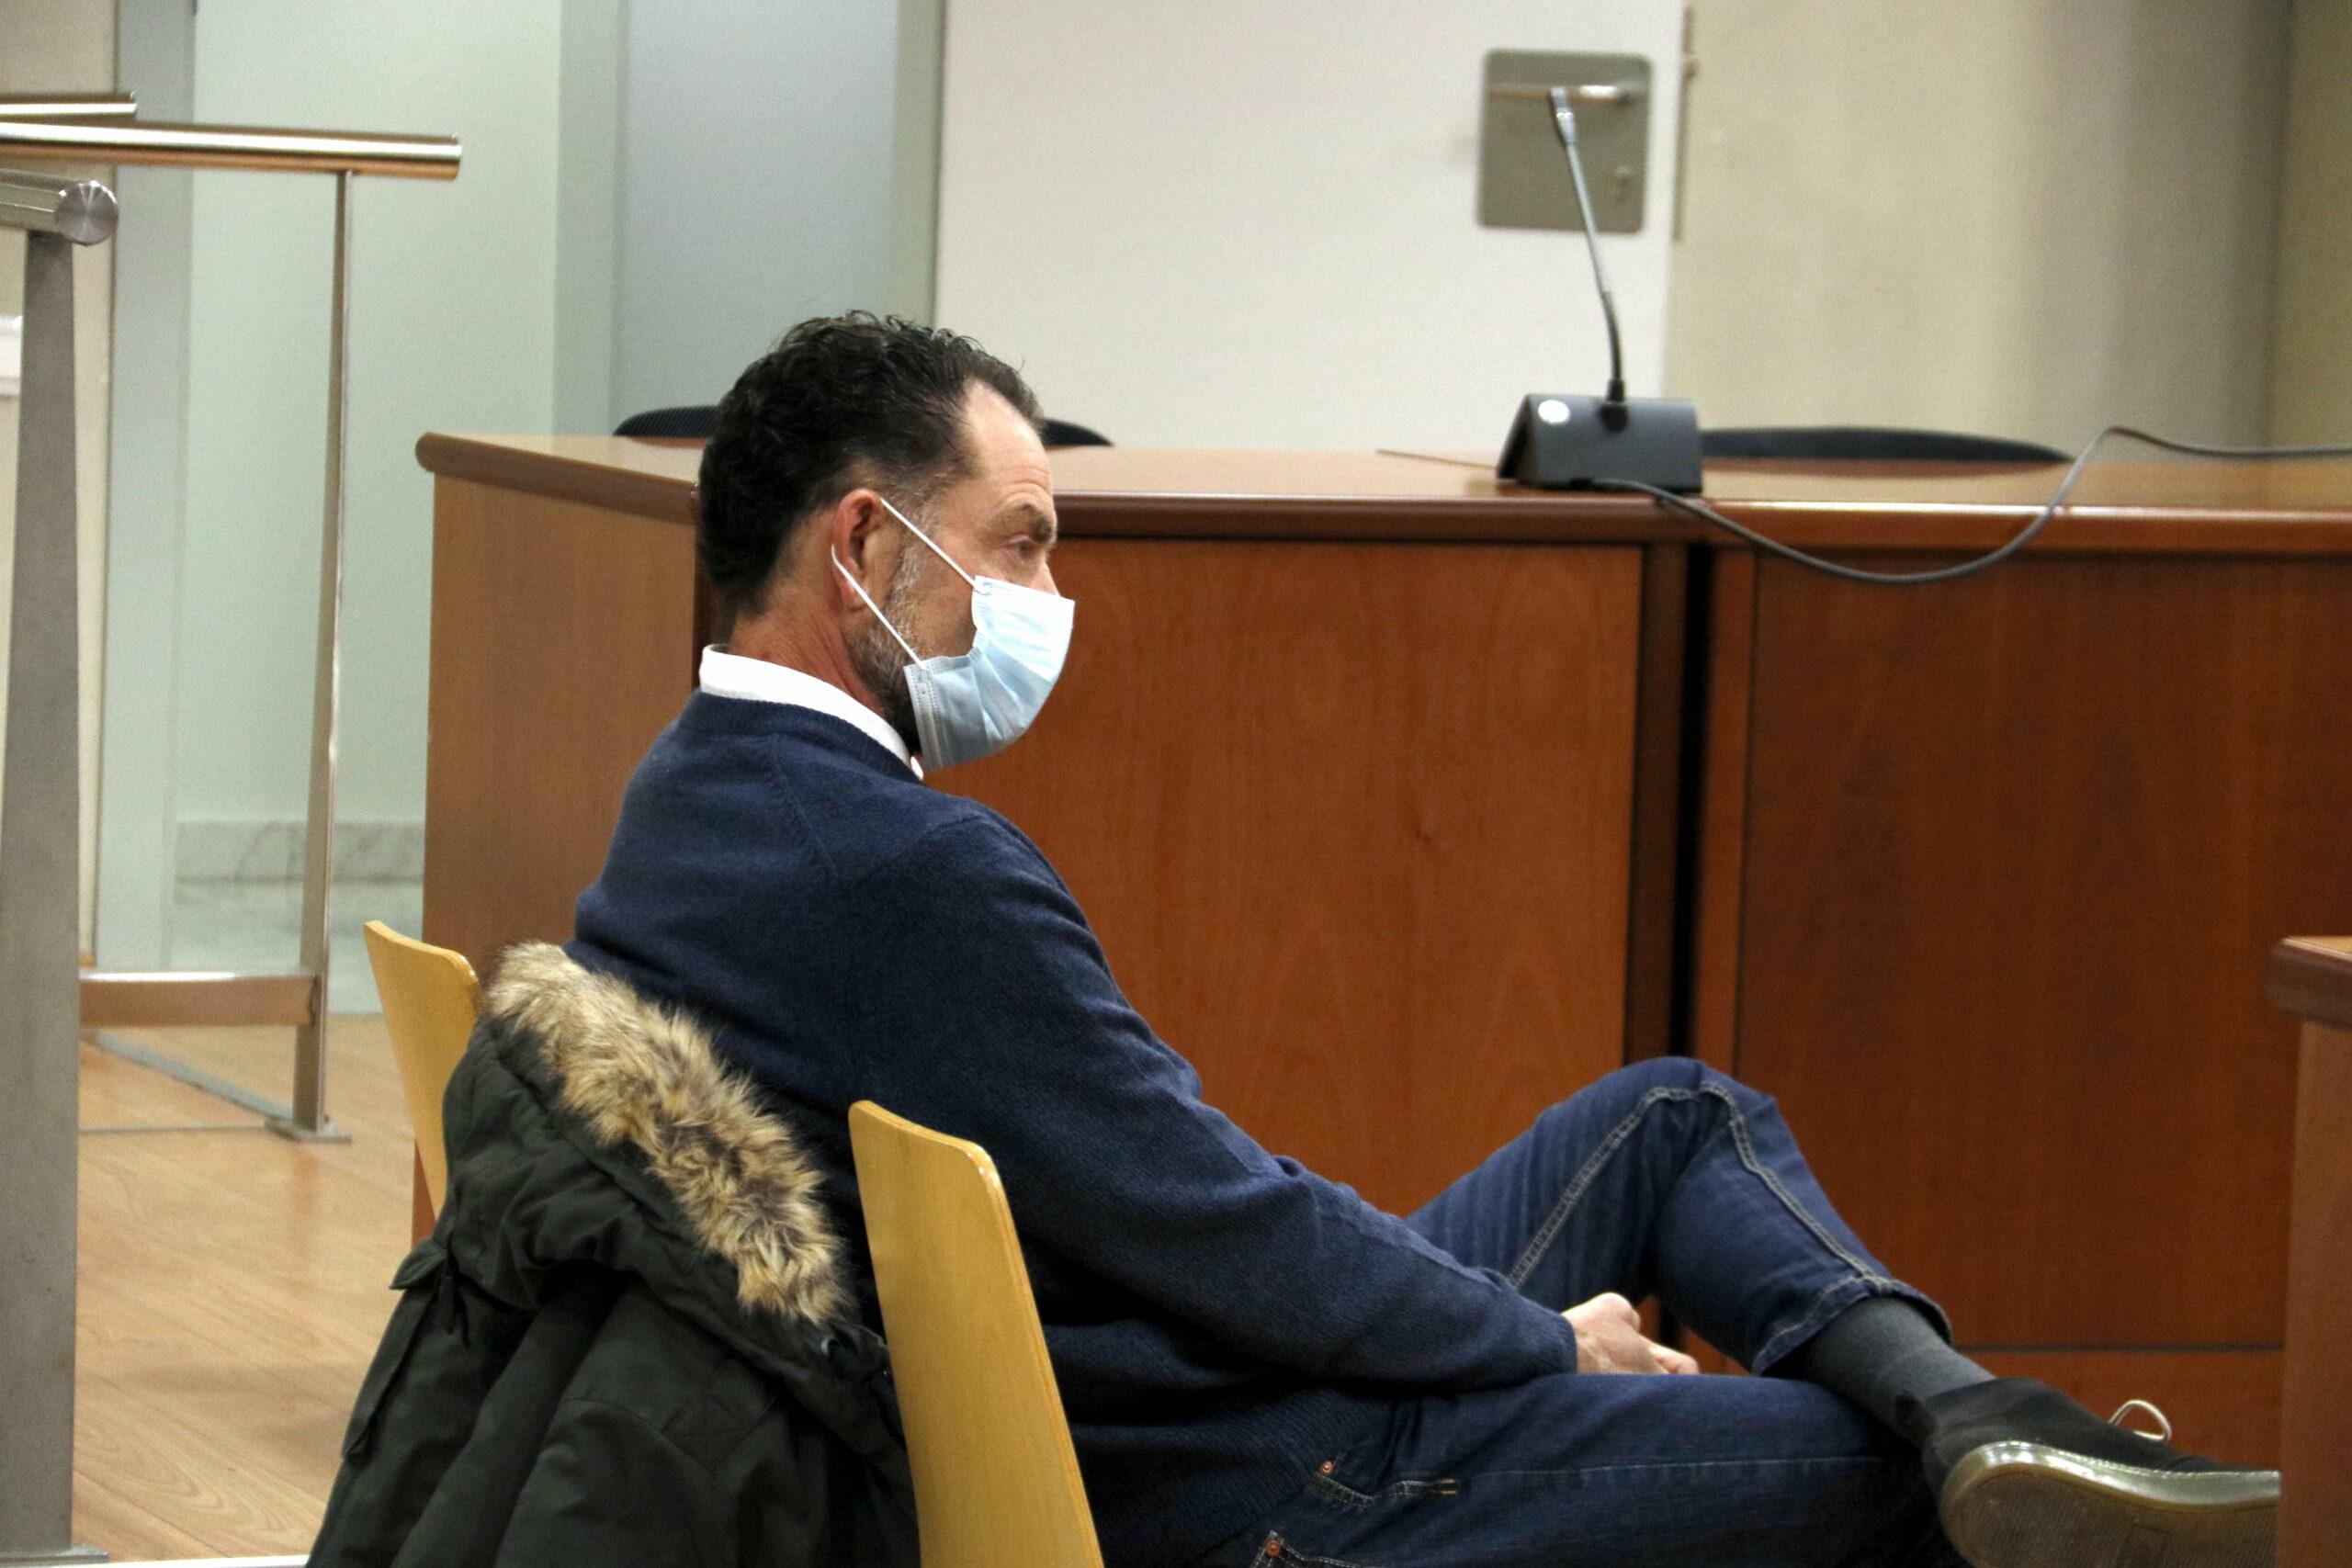 L'acusat d'abusar de discapacitats durant el judici a l'Audiència de Lleida | ACN